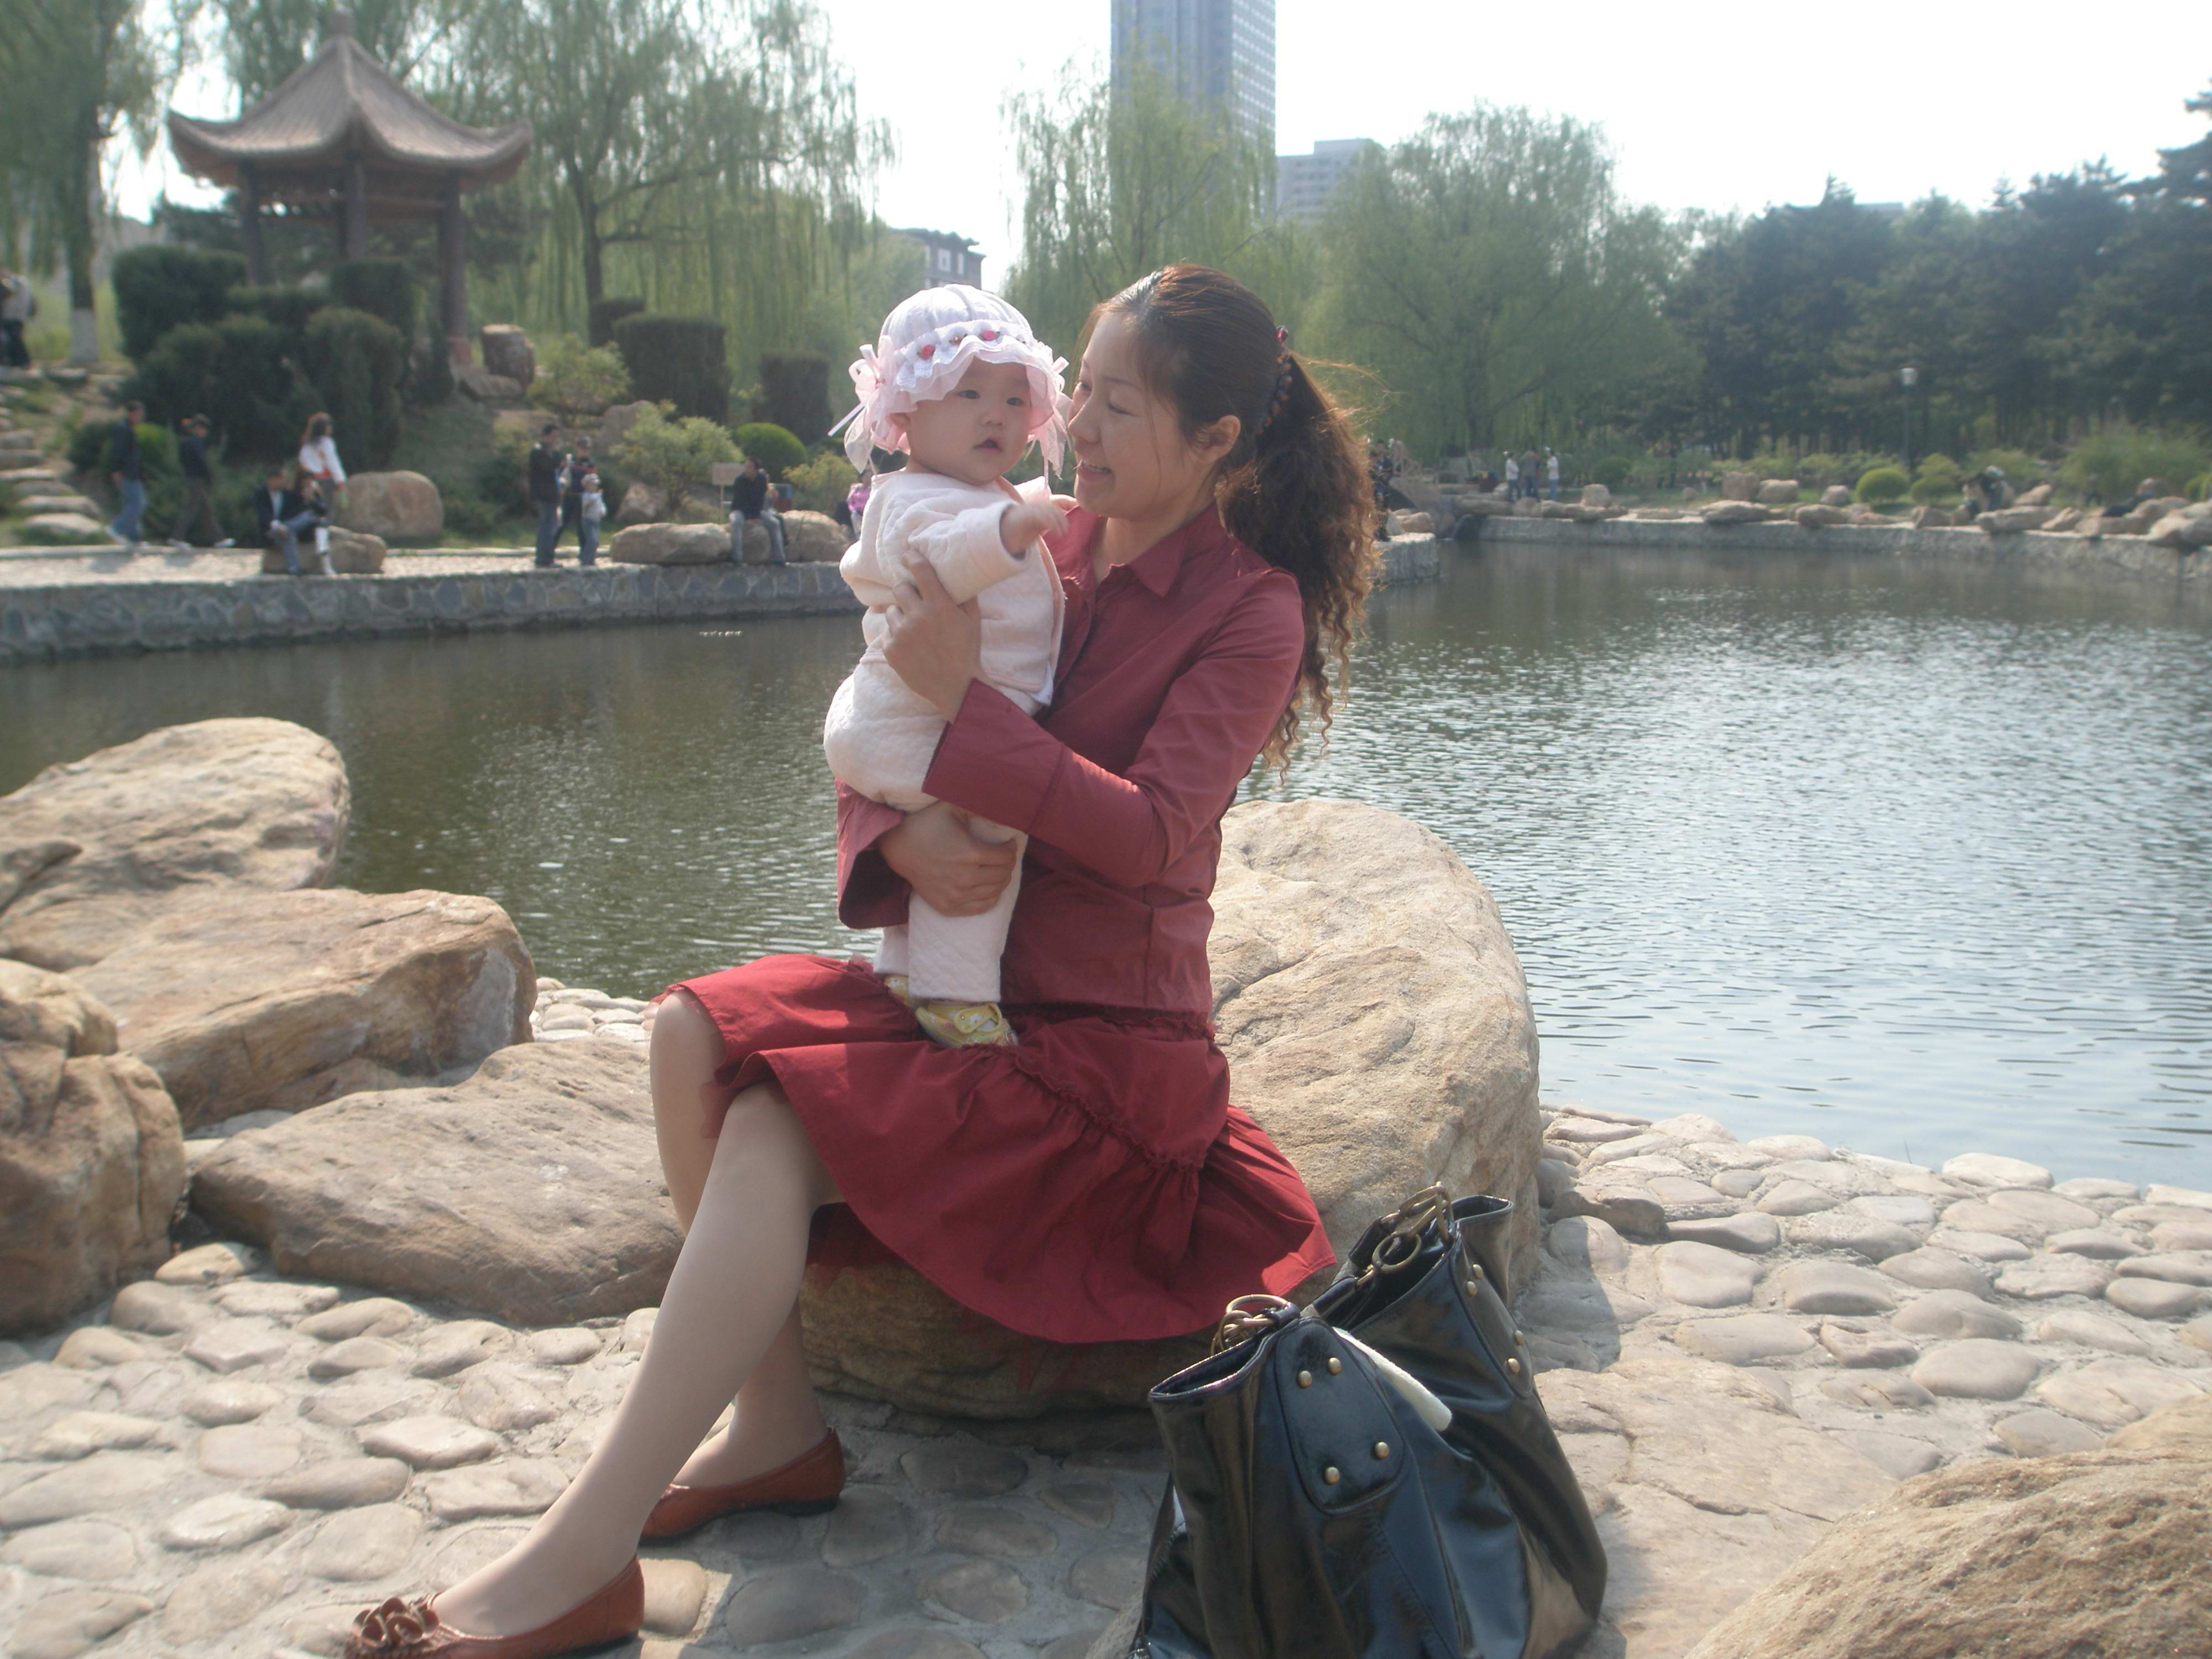 瑶瑶 妈妈/祝所有的宝贝健康快乐地成长!!!